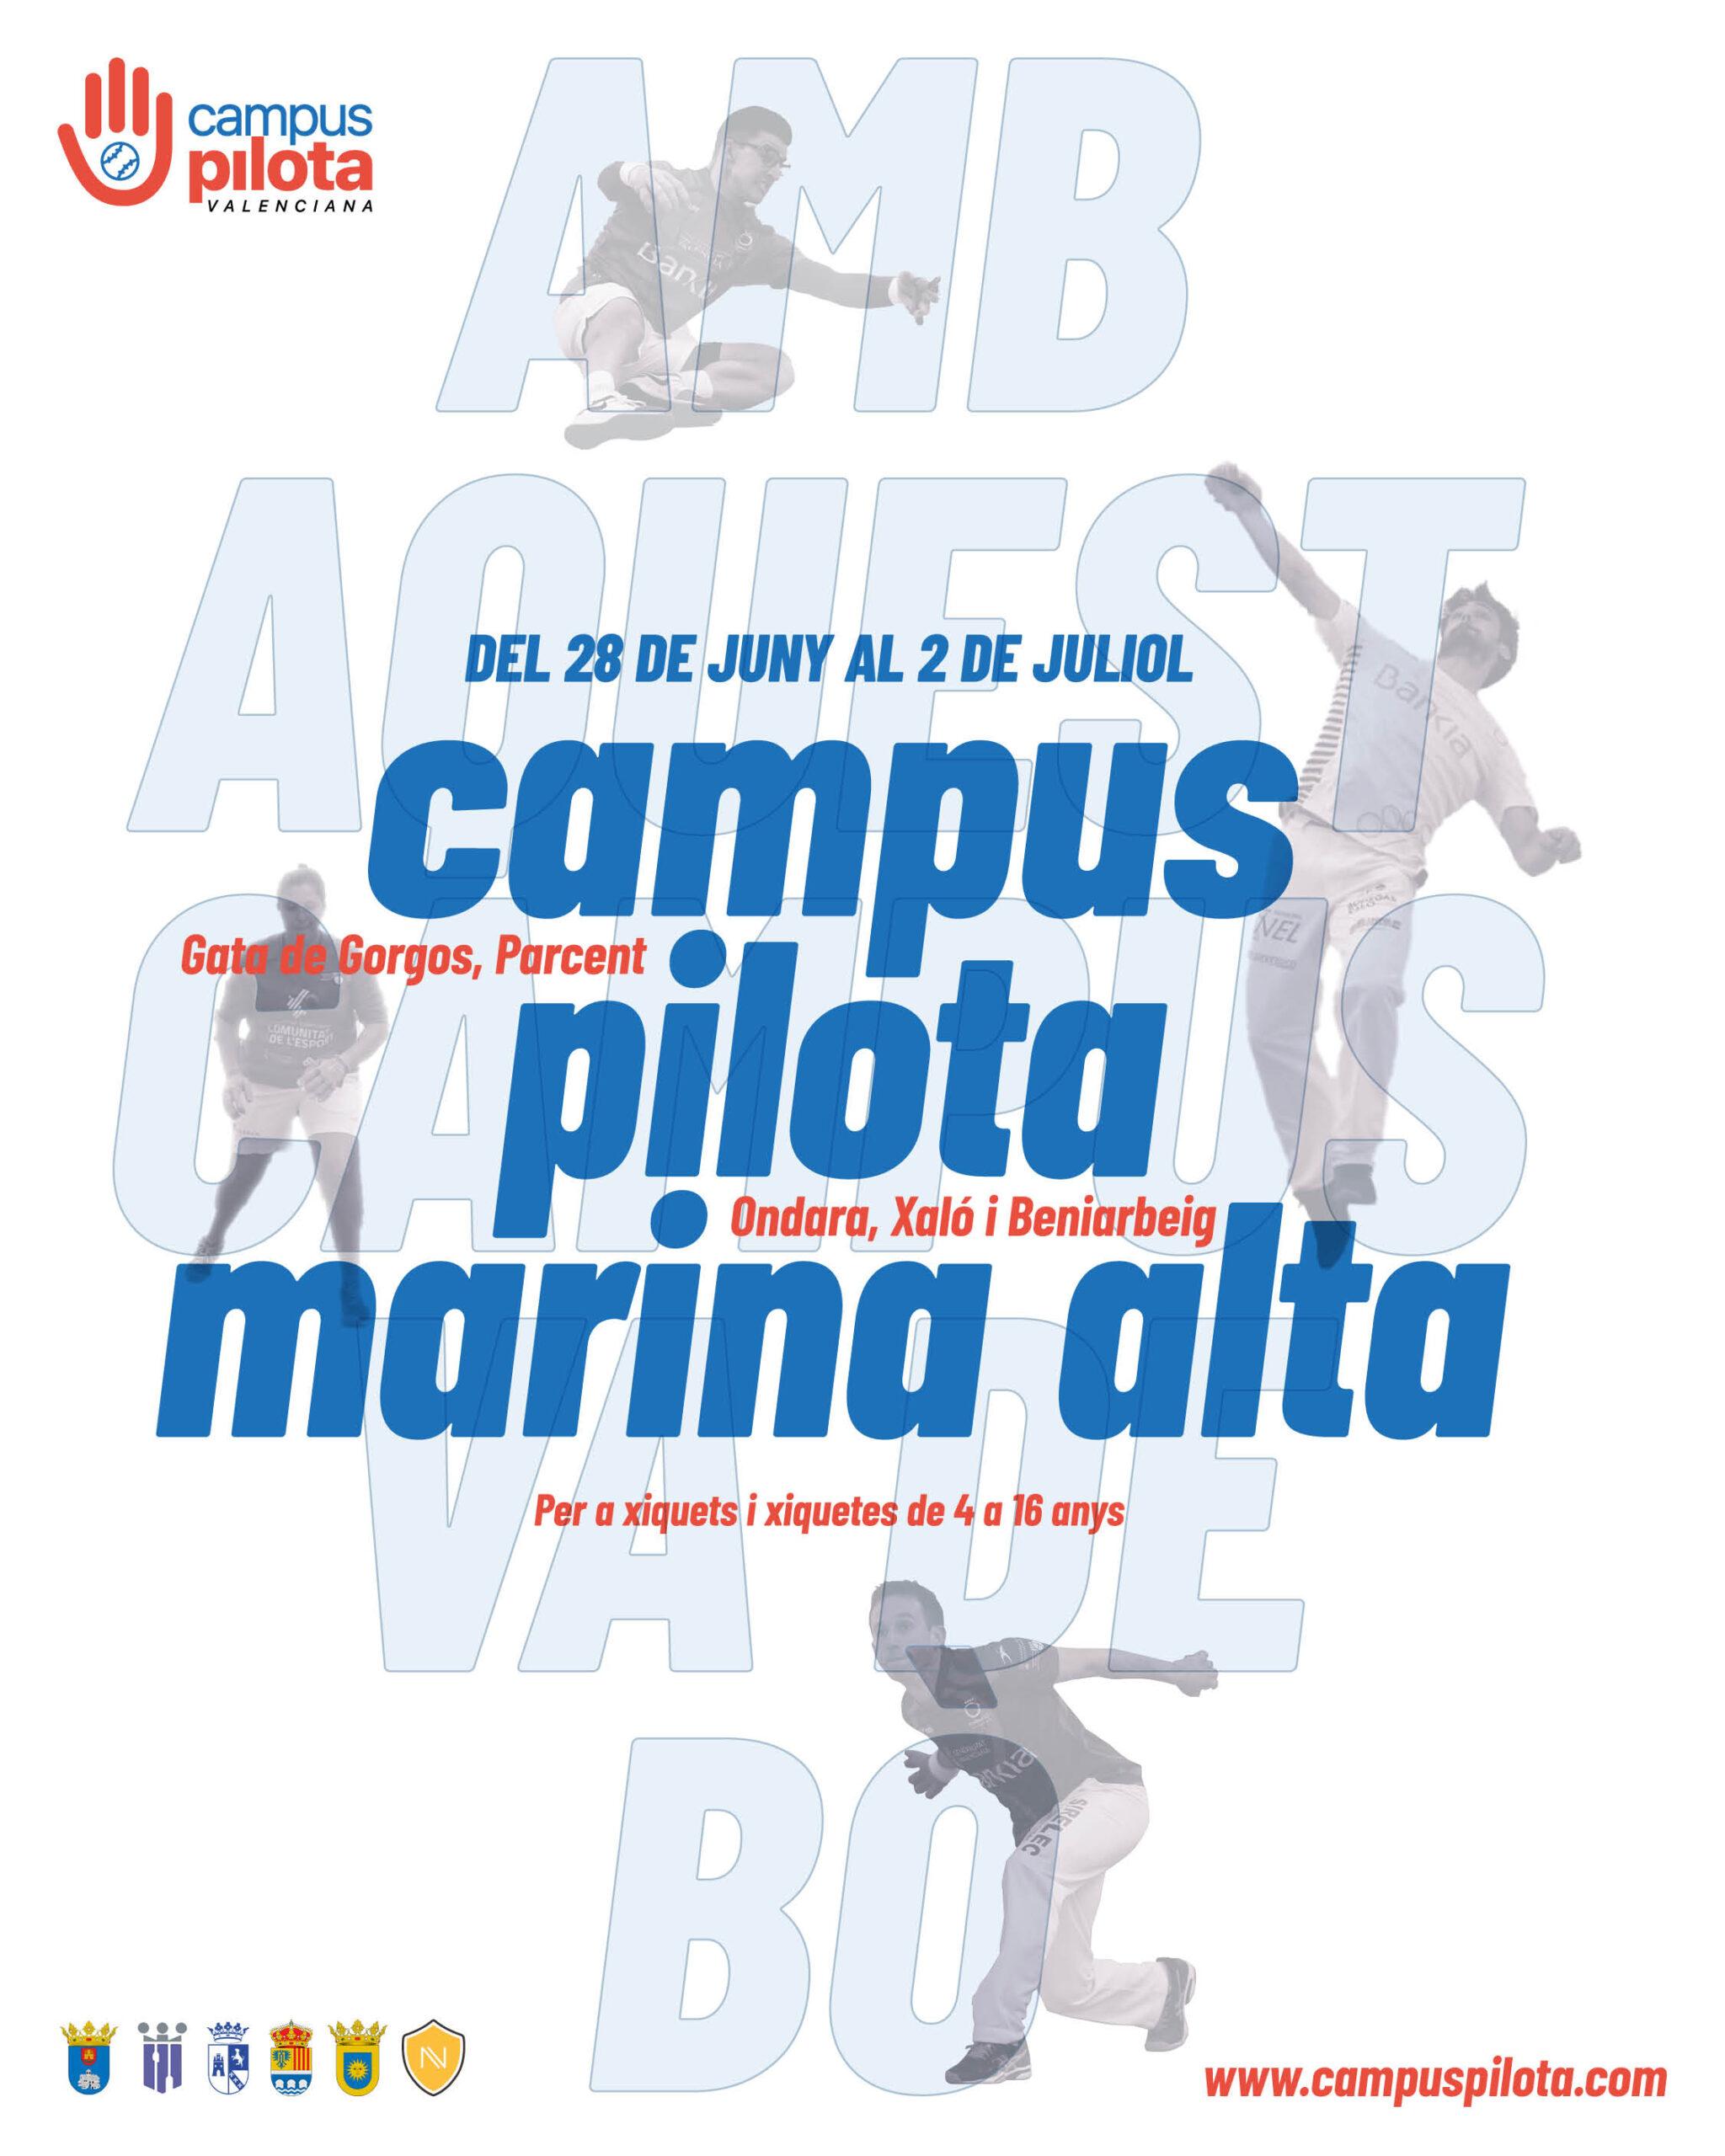 Campus Pilota